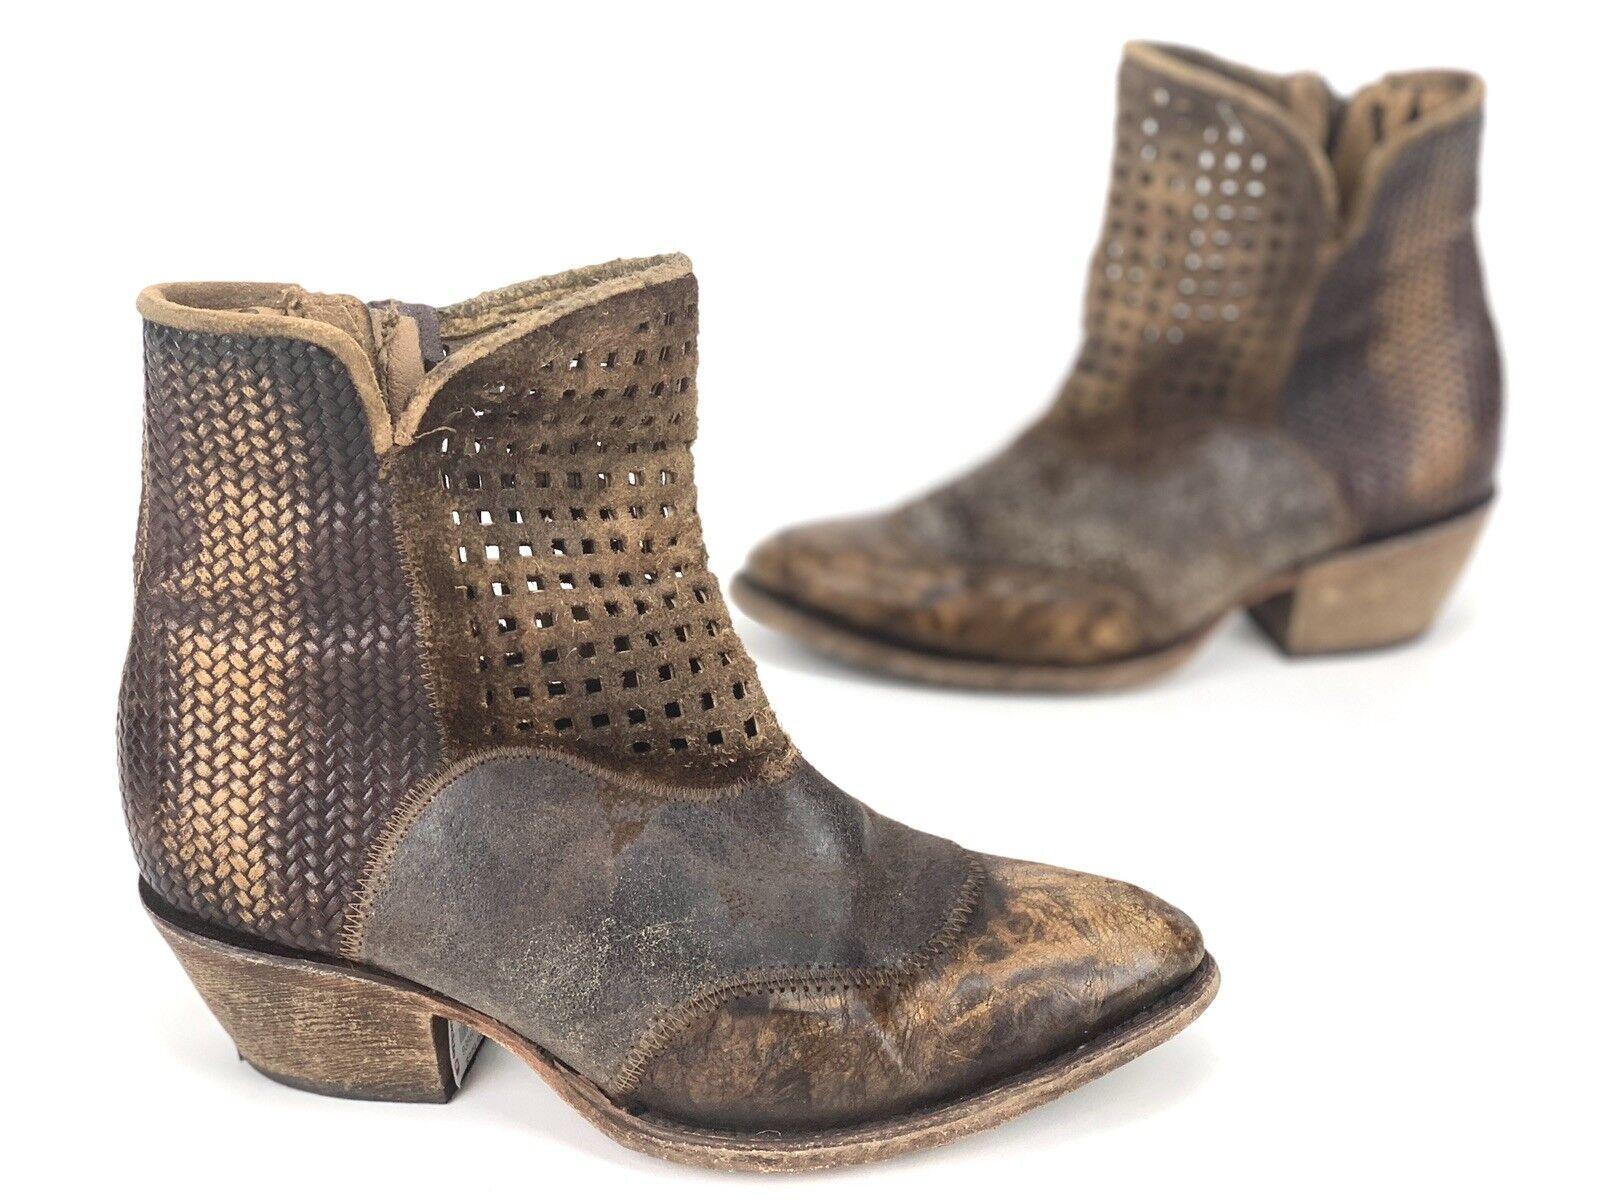 Corral Vintage Mujeres botas con aspecto envejecido país occidental Marrón Oscuro  2 M